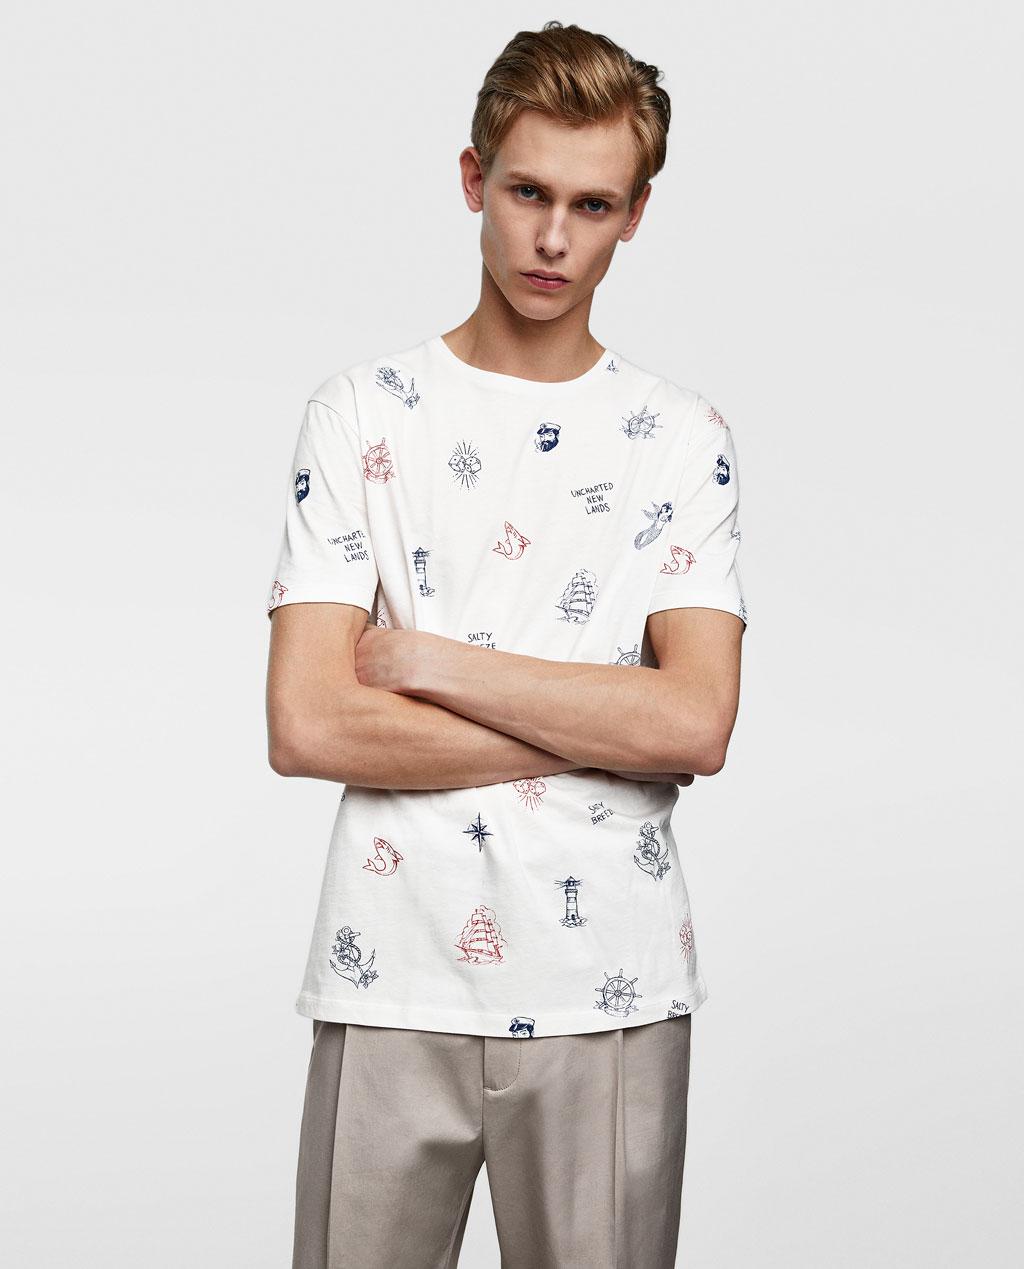 Thời trang nam Zara  23911 - ảnh 4